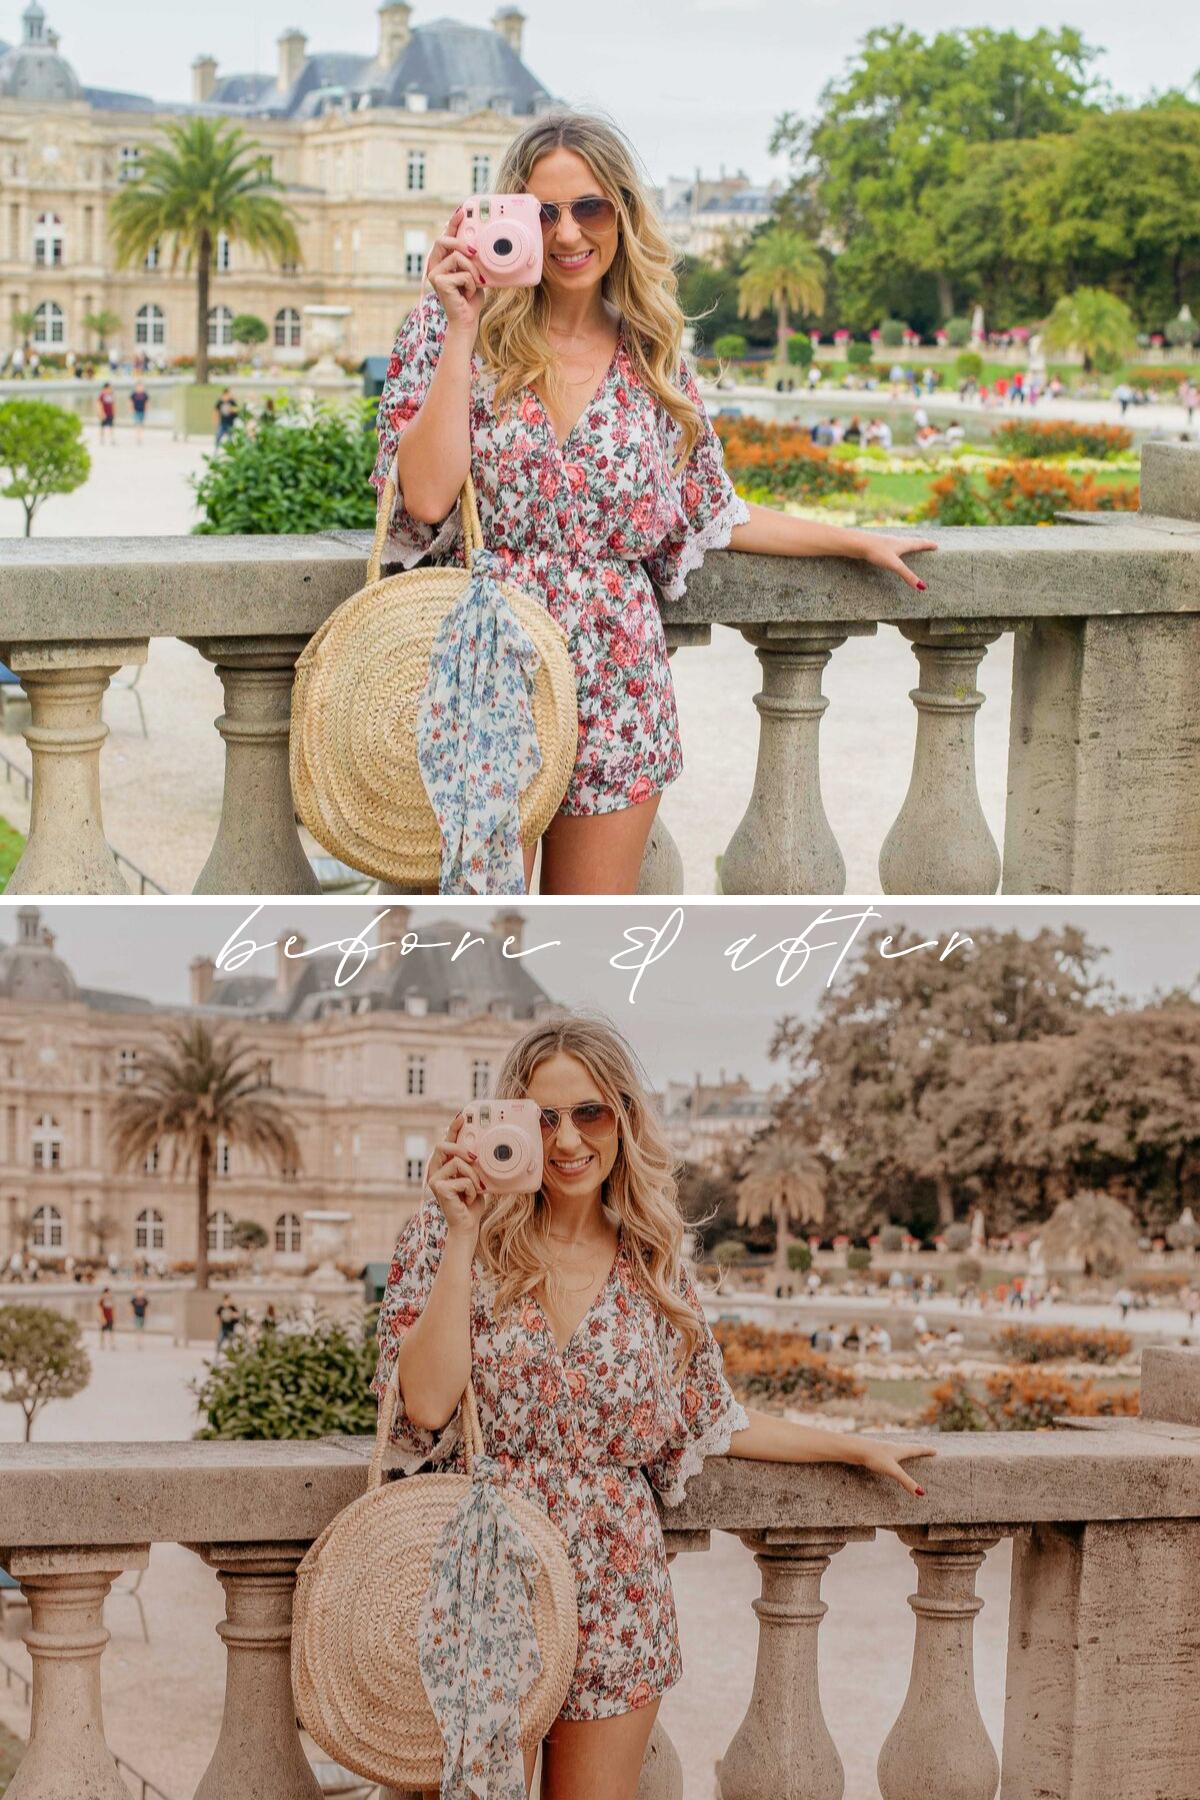 5 WARM Amber MOBILE Lightroom Presets, Best Travel Blogger Instagram Influencer, Lifestyle Fashion D  #Amber #BLOGGER #Fashion #Influencer #Instagram #Lifestyle #Lightroom #Mobile #Presets #Travel #Warm